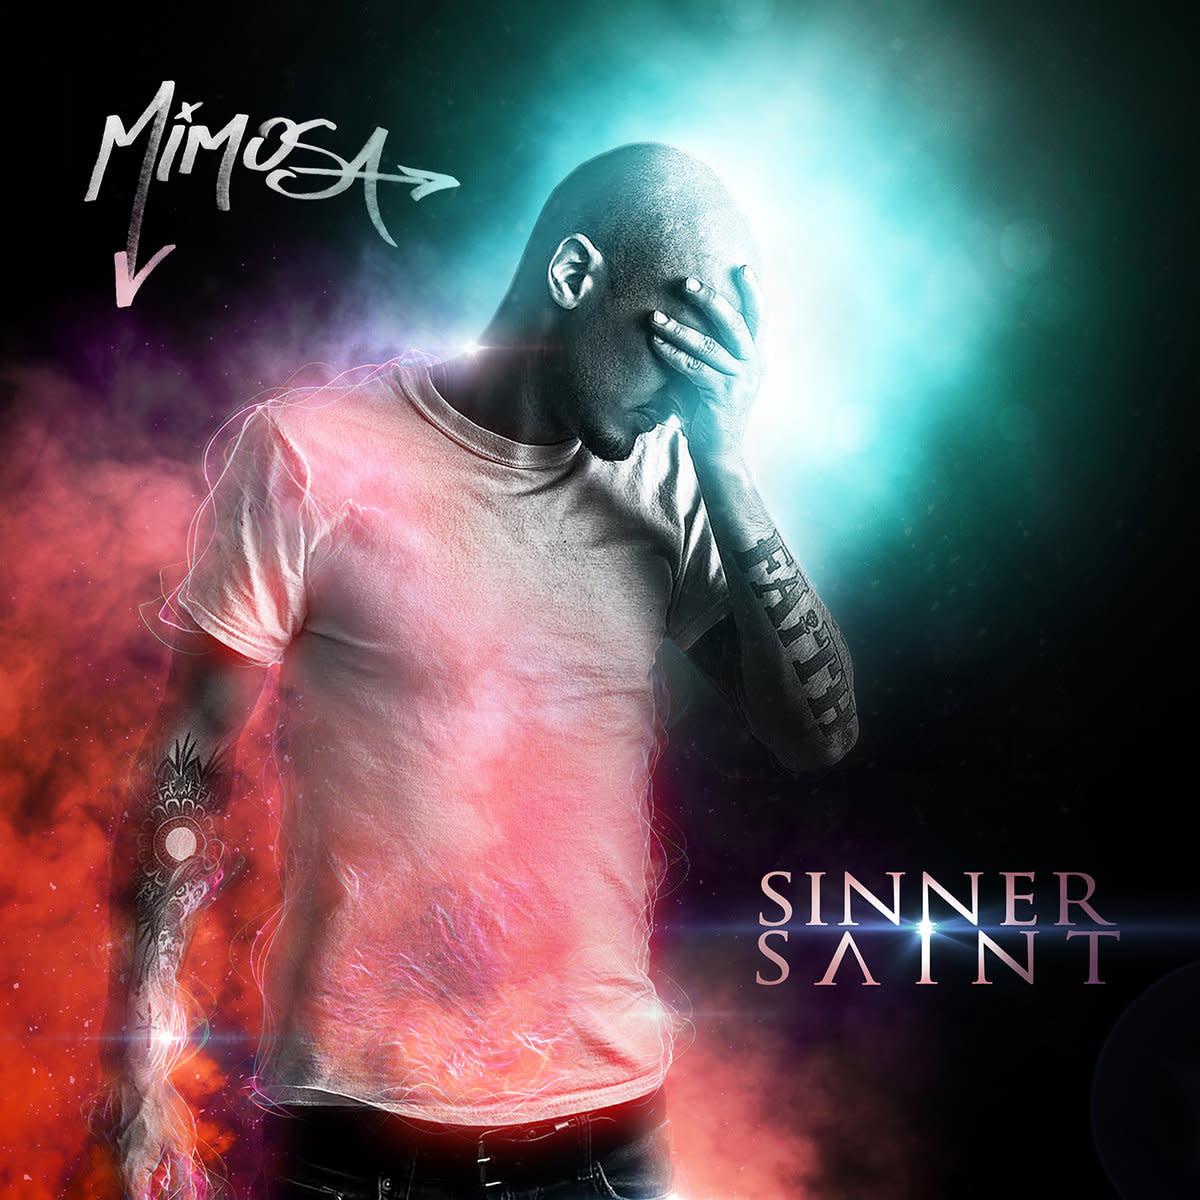 Sinner :: Saint - Mimosa